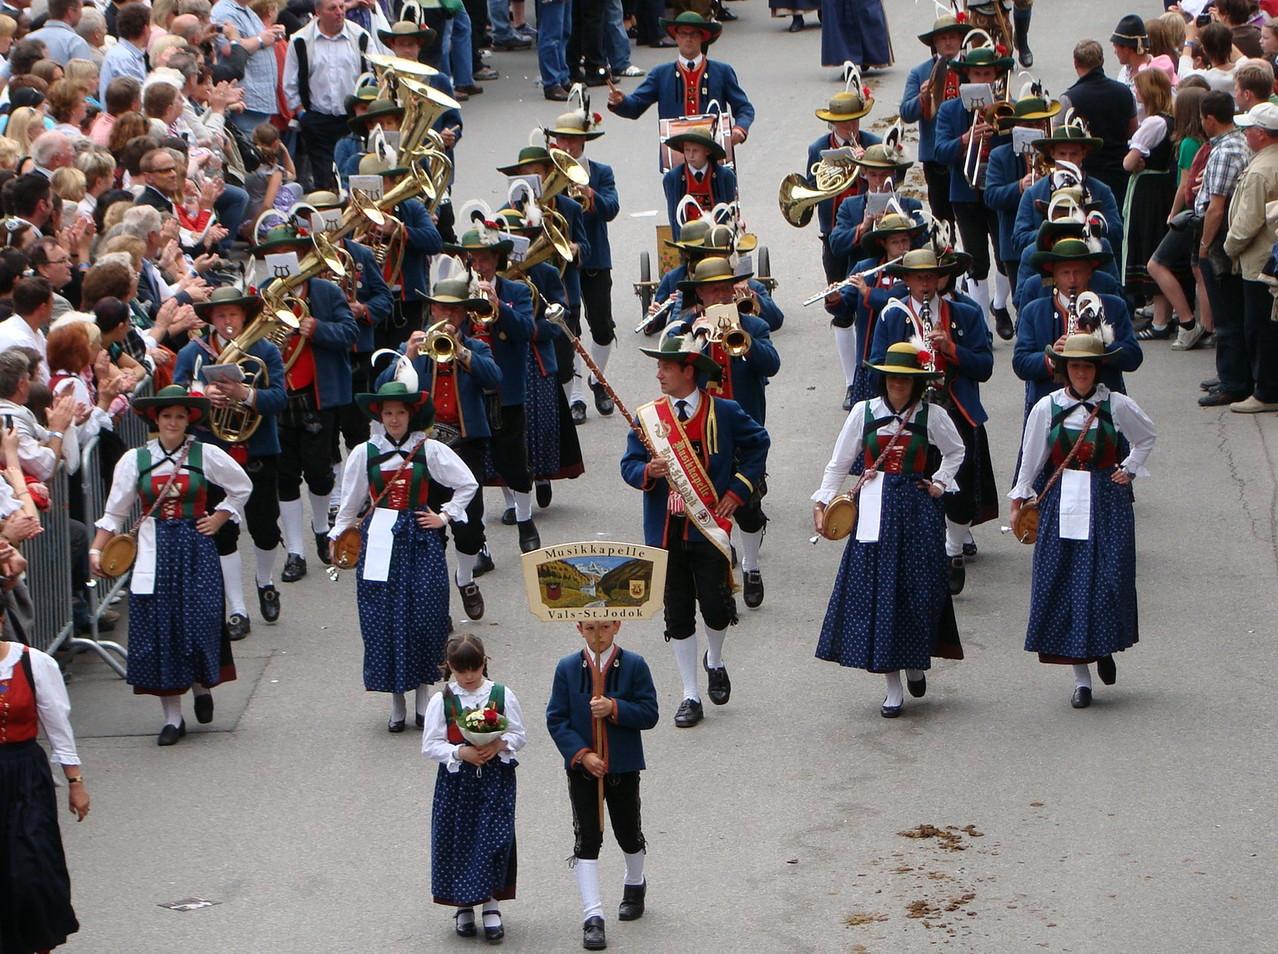 Gauderfest in Zell am Ziller (c) Werner Daum